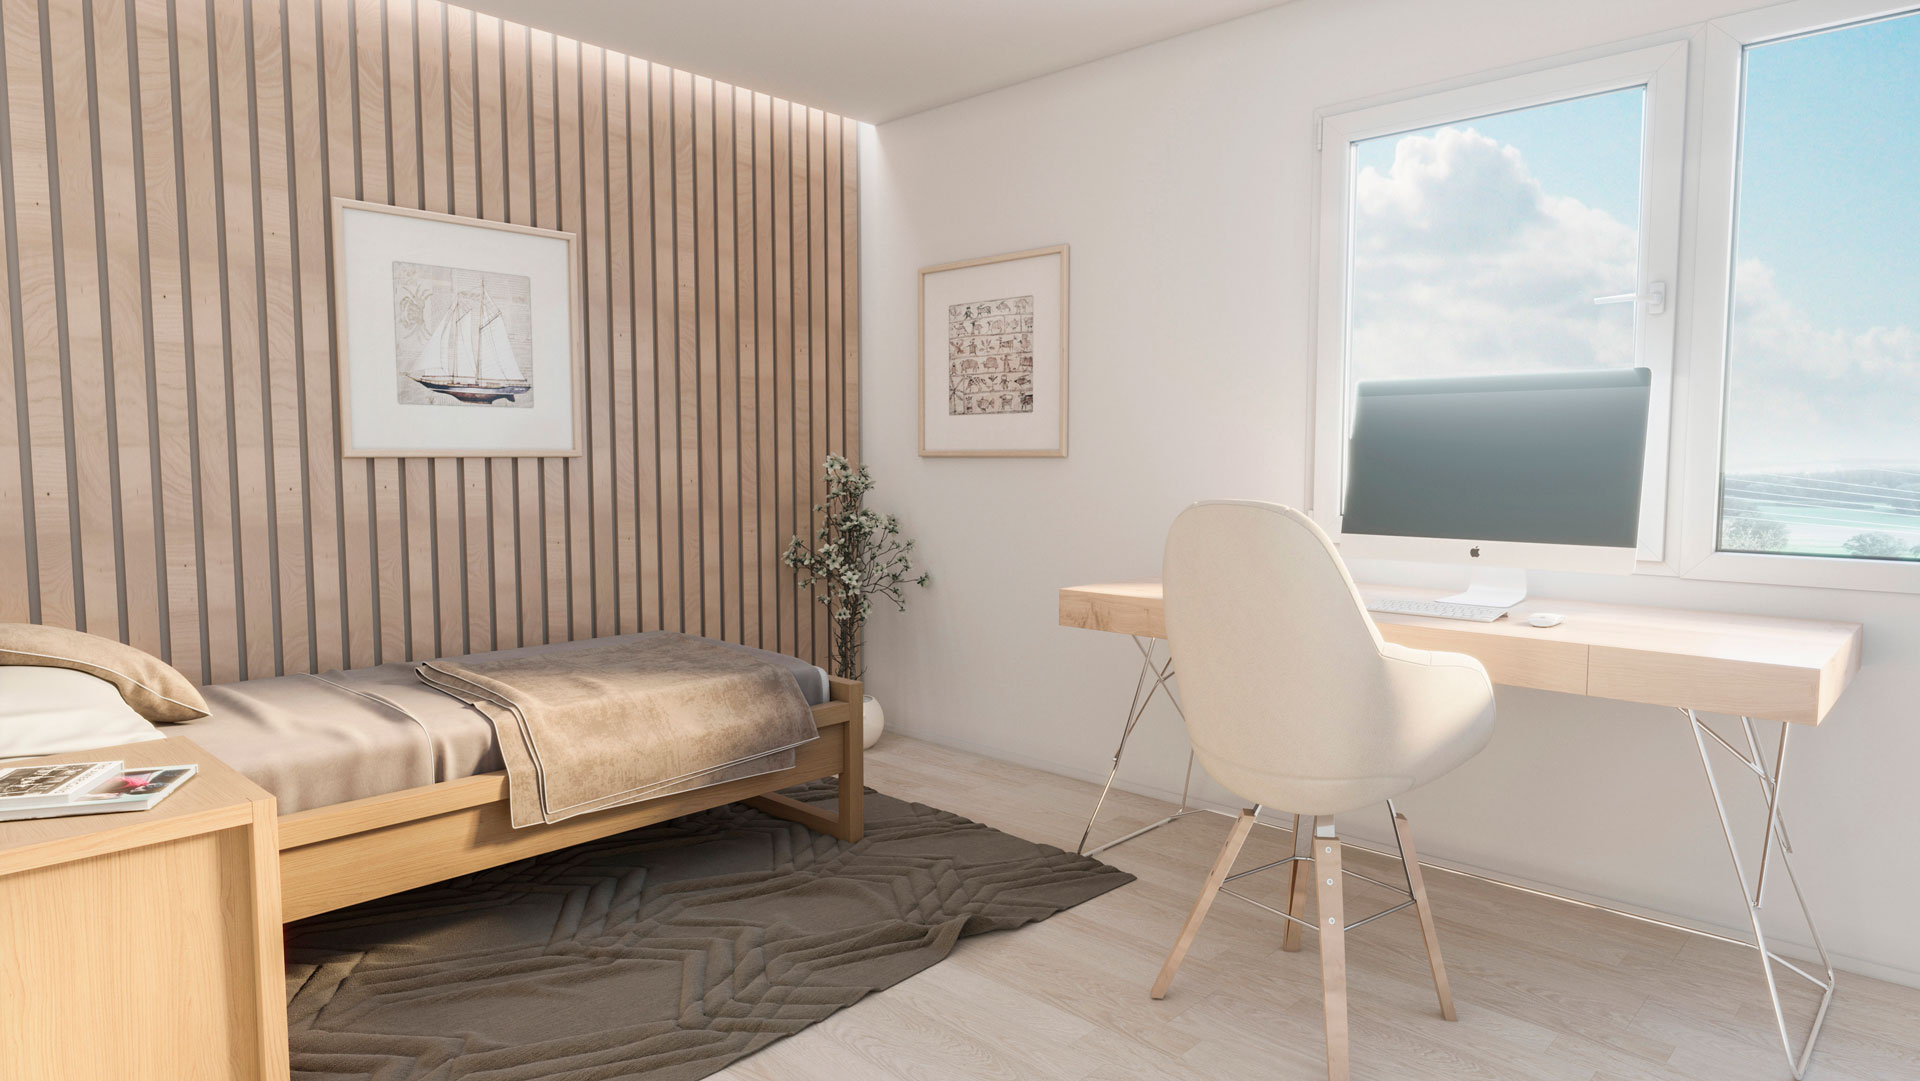 C3 Concept, visualisation 3D architecture à Bulle. Giffers intérieur